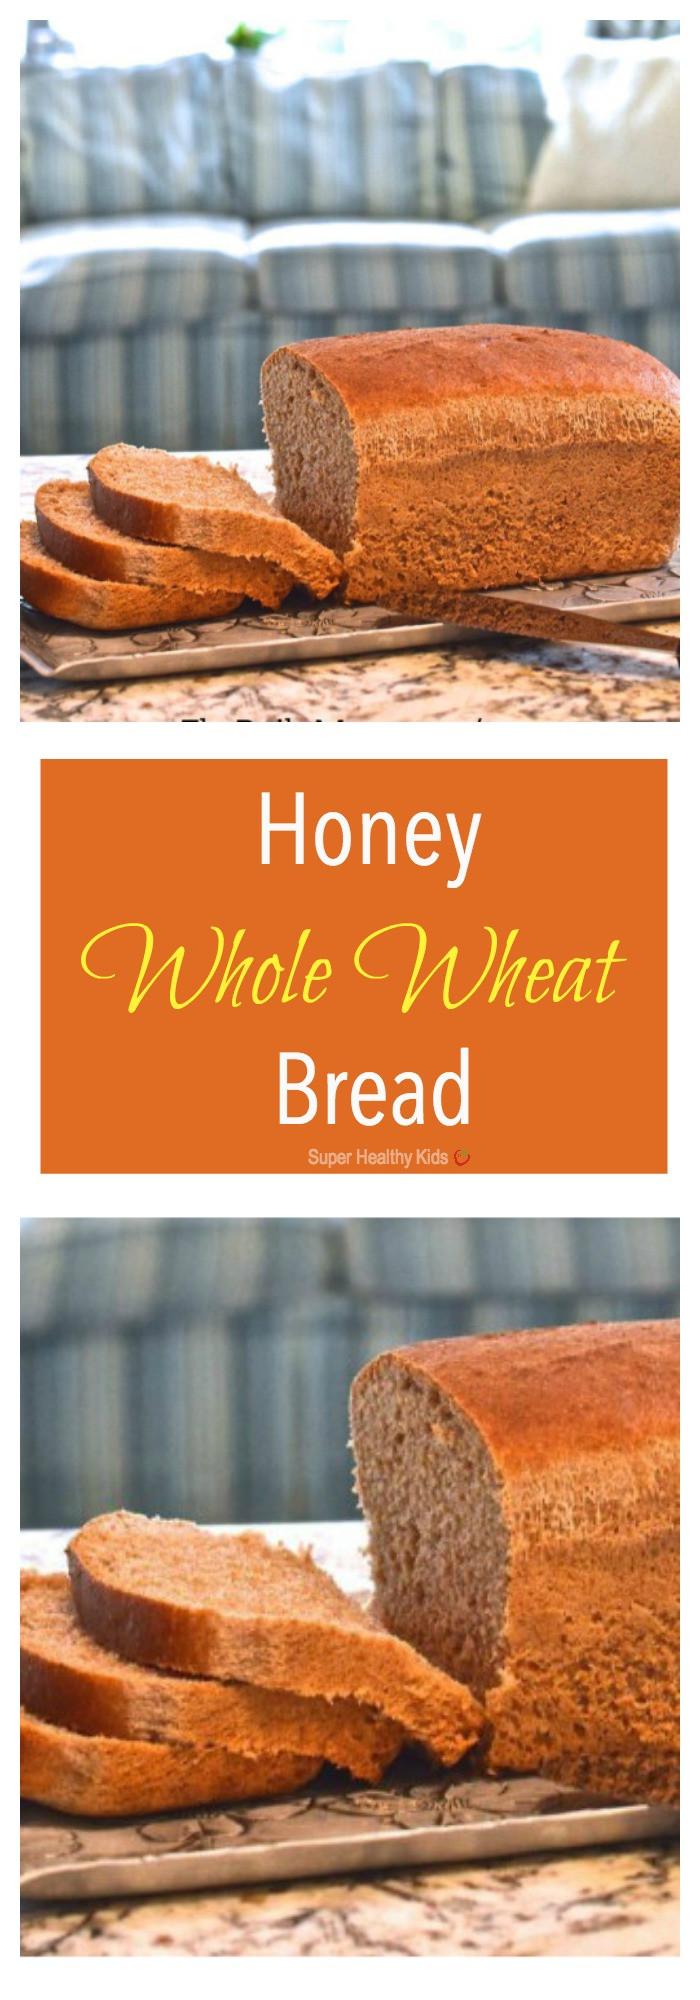 Honey Whole Wheat Bread Recipe  Honey Whole Wheat Bread Recipe